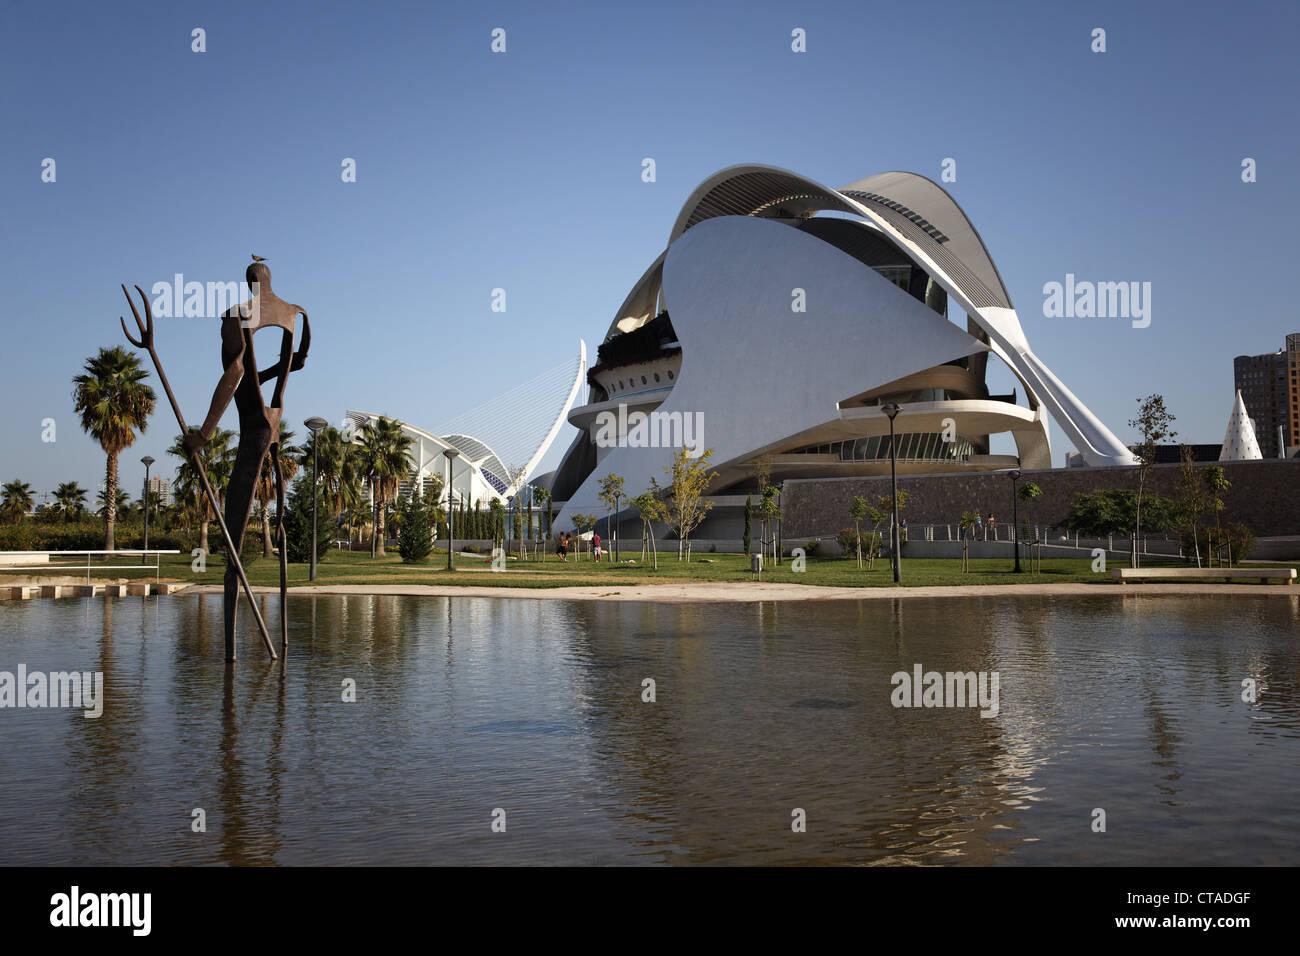 The opera Palau de les Arts Reina Sofia in the sunlight, Valencia, Spain, Europe - Stock Image